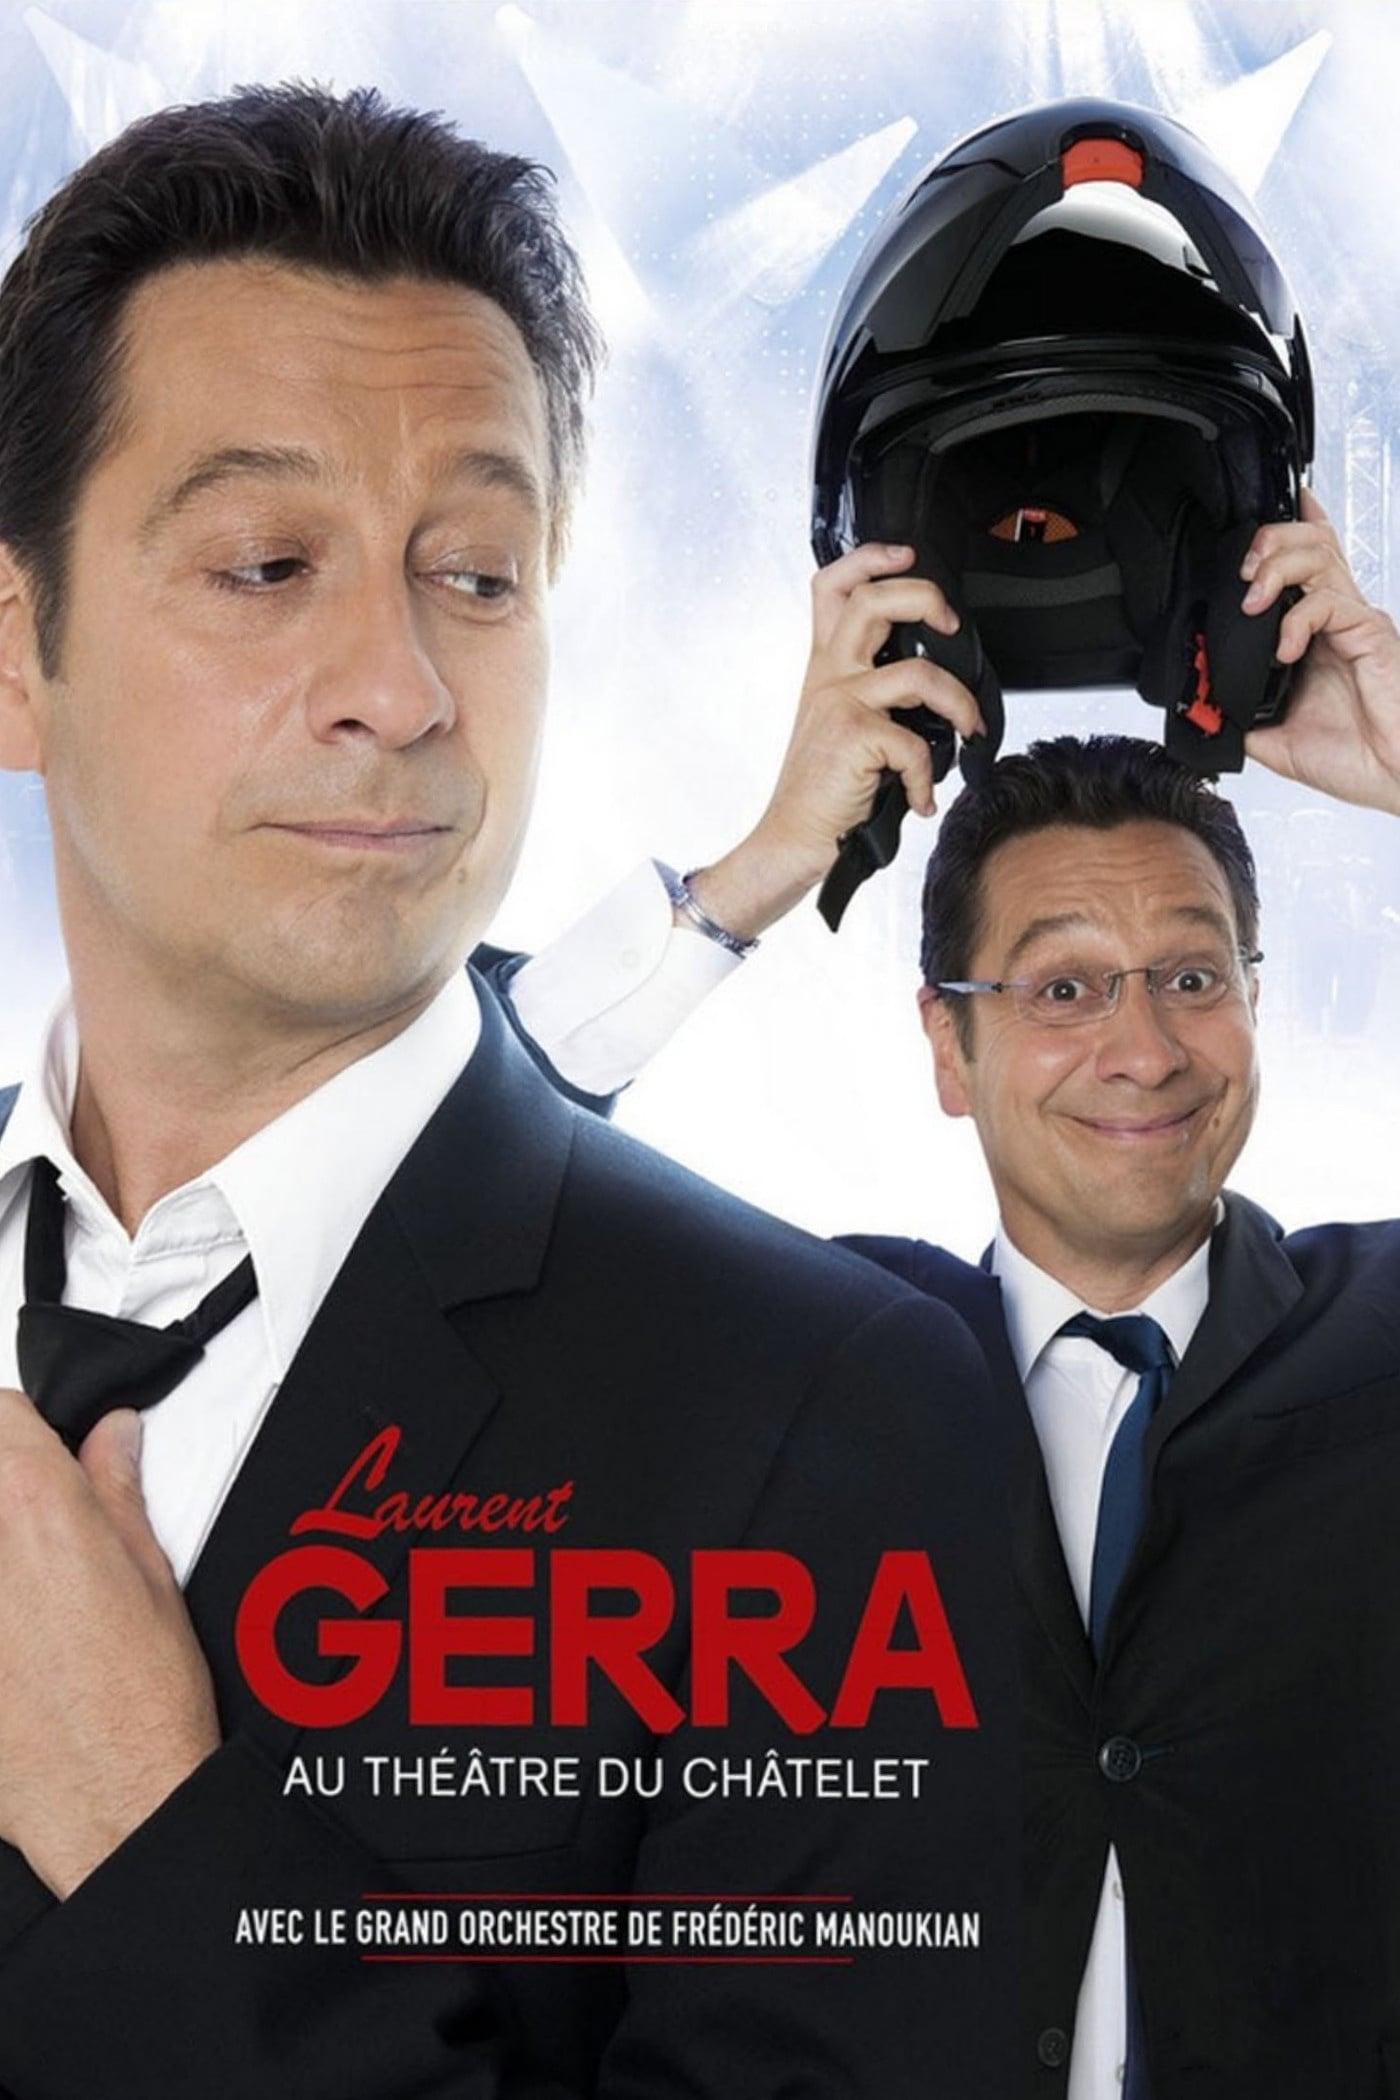 Laurent Gerra au Théâtre du Châtelet